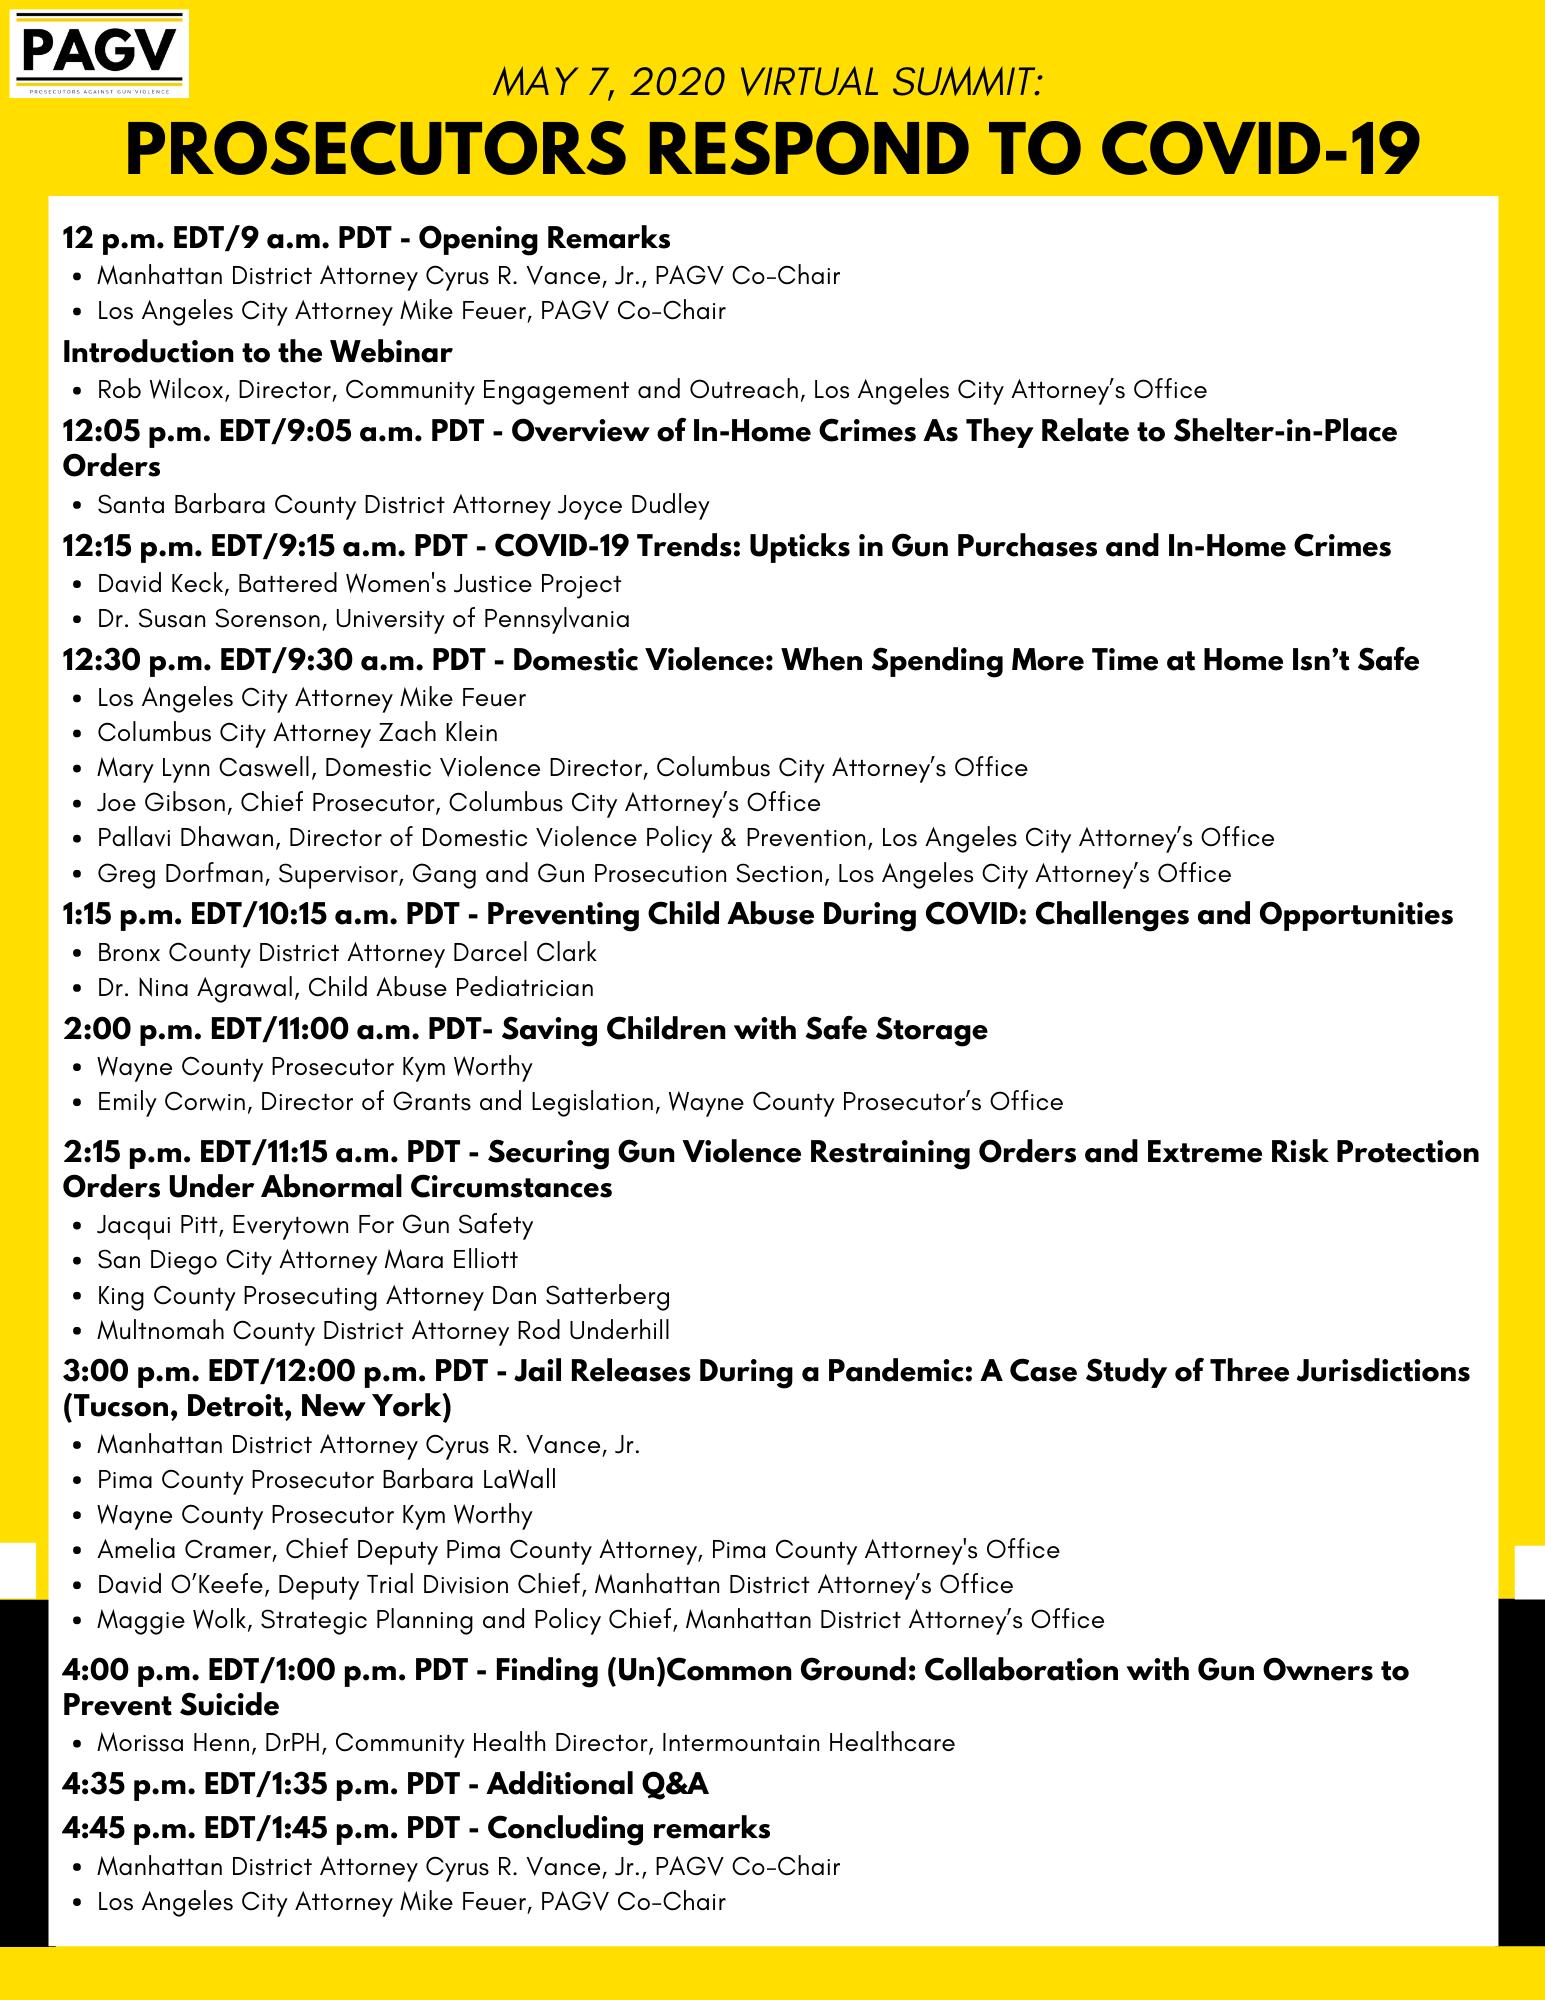 PAGV Virtual Summit Agenda v12